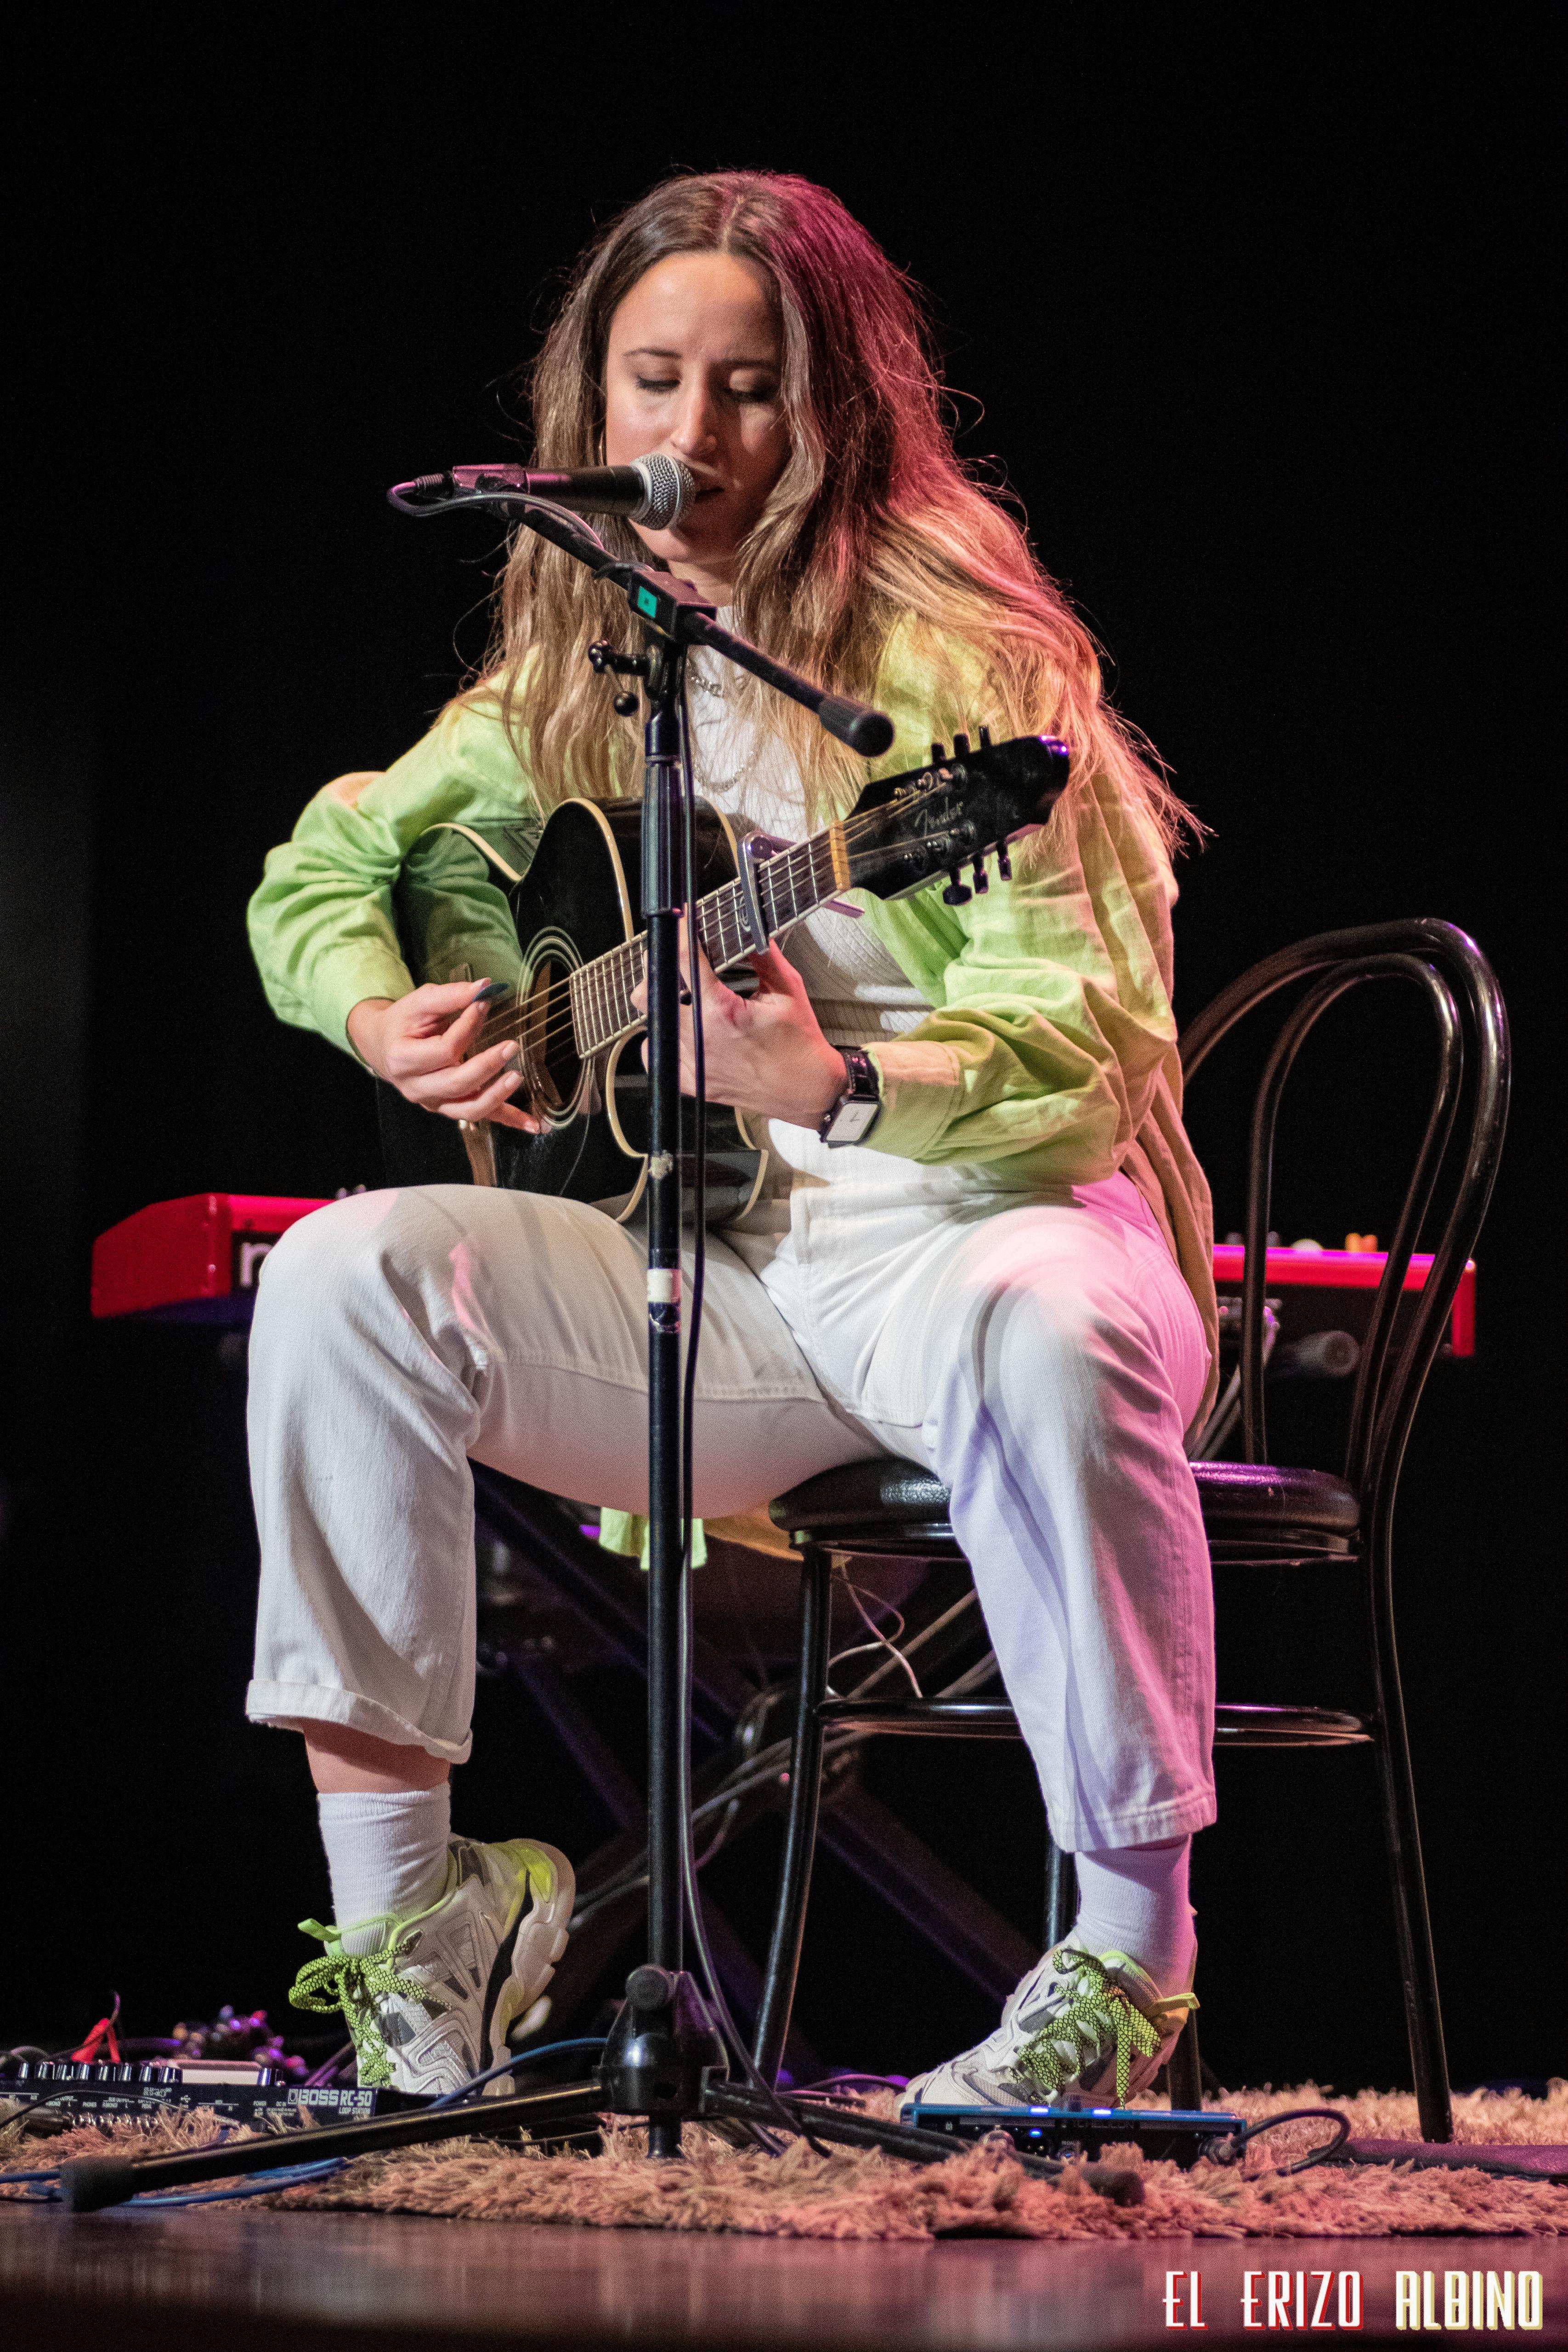 Noches acústicas Arriaca - Penny Necklace & Eva Ryjlen (Casa de Cultura, Cabanillas del Campo - 31.01.2020)